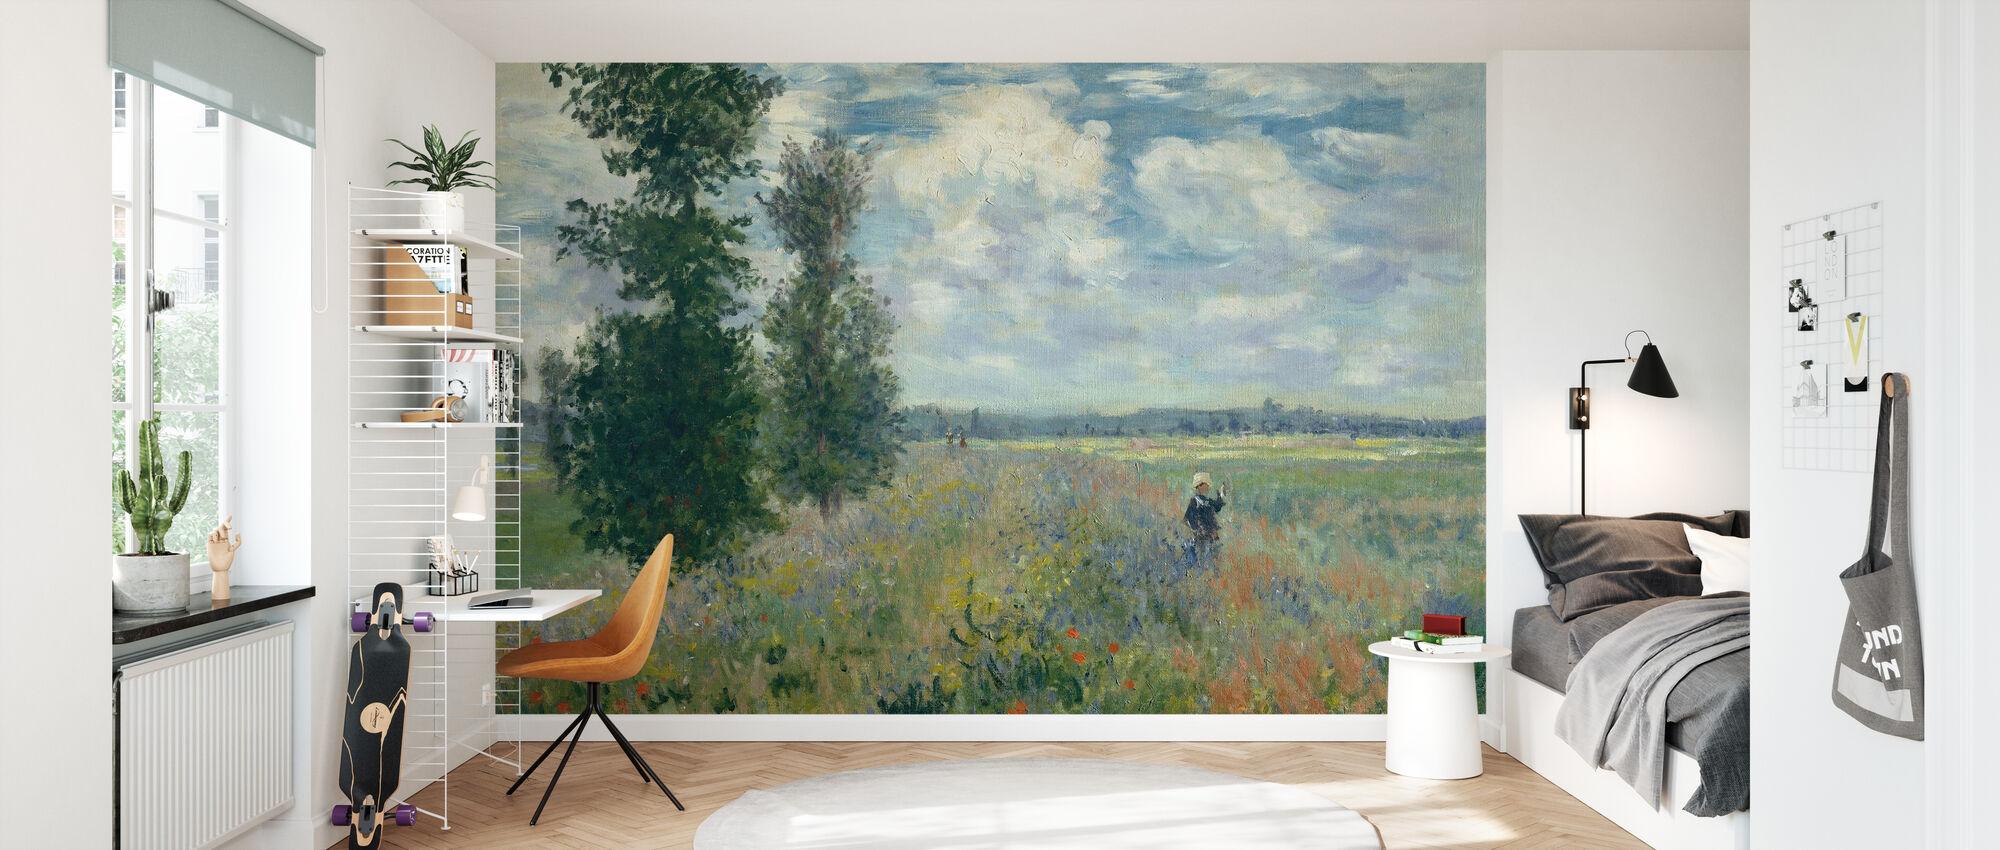 Poppy Fields - Claude Monet - Wallpaper - Kids Room